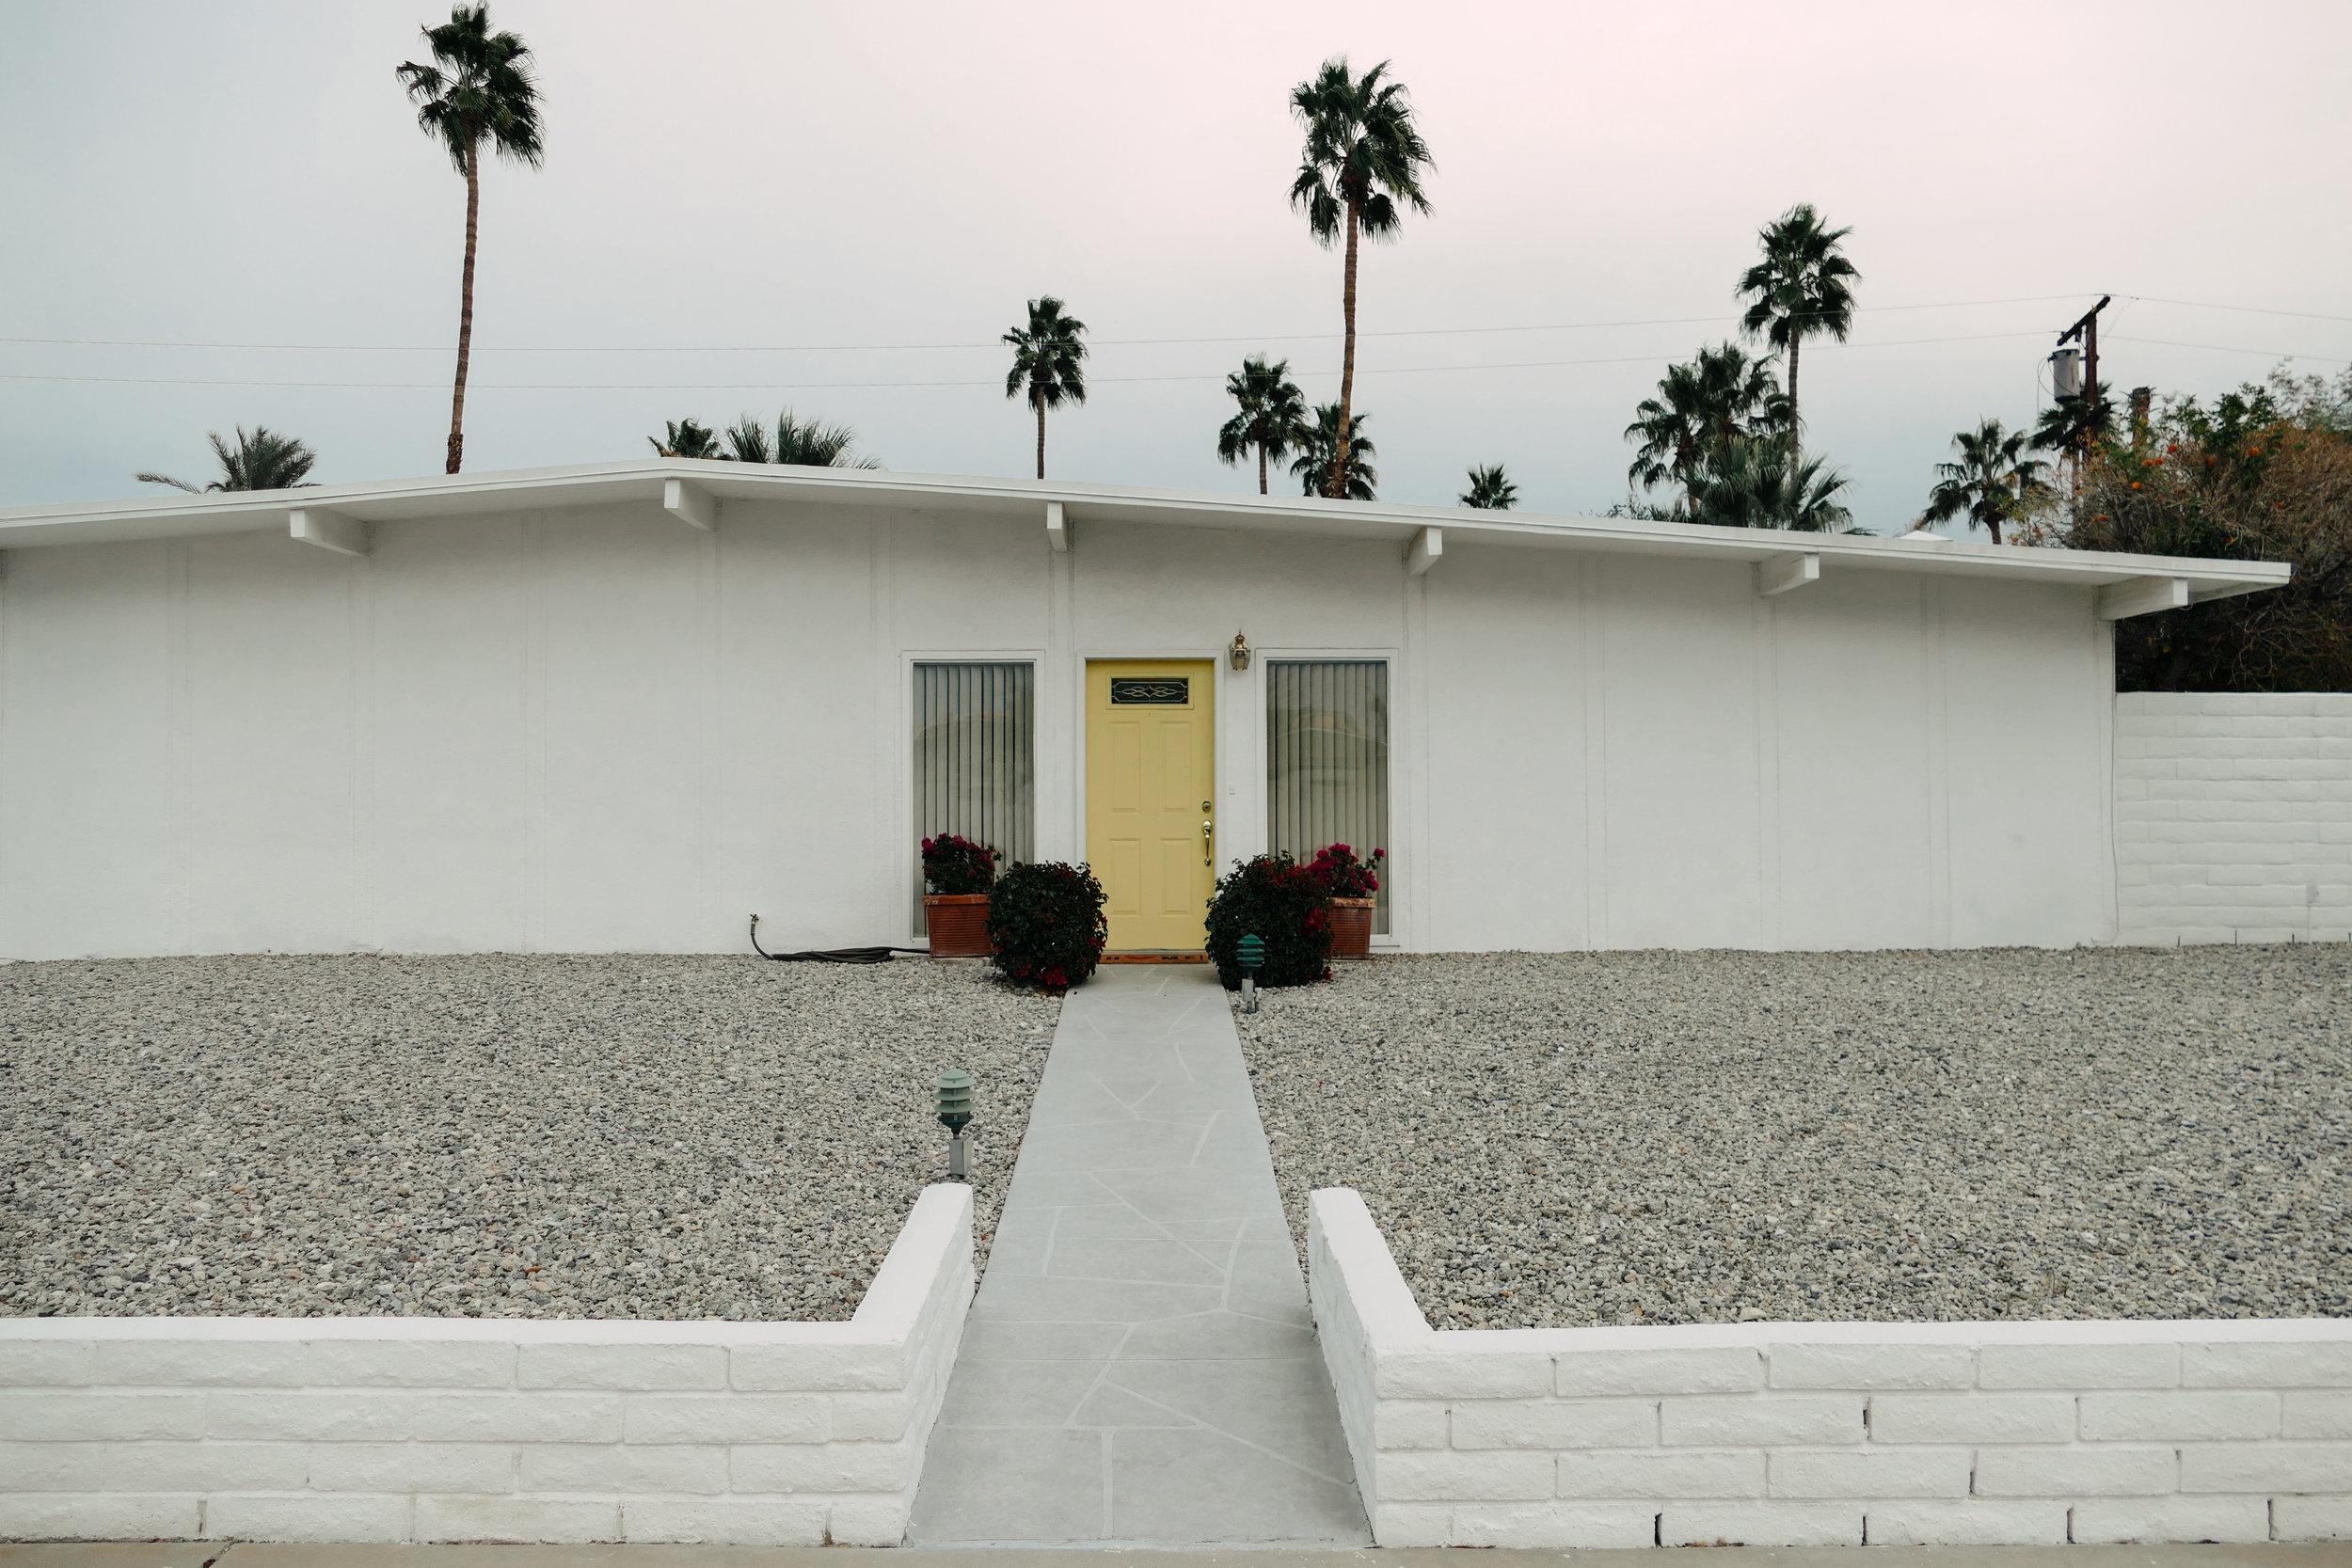 whitehouse-1050188.jpg